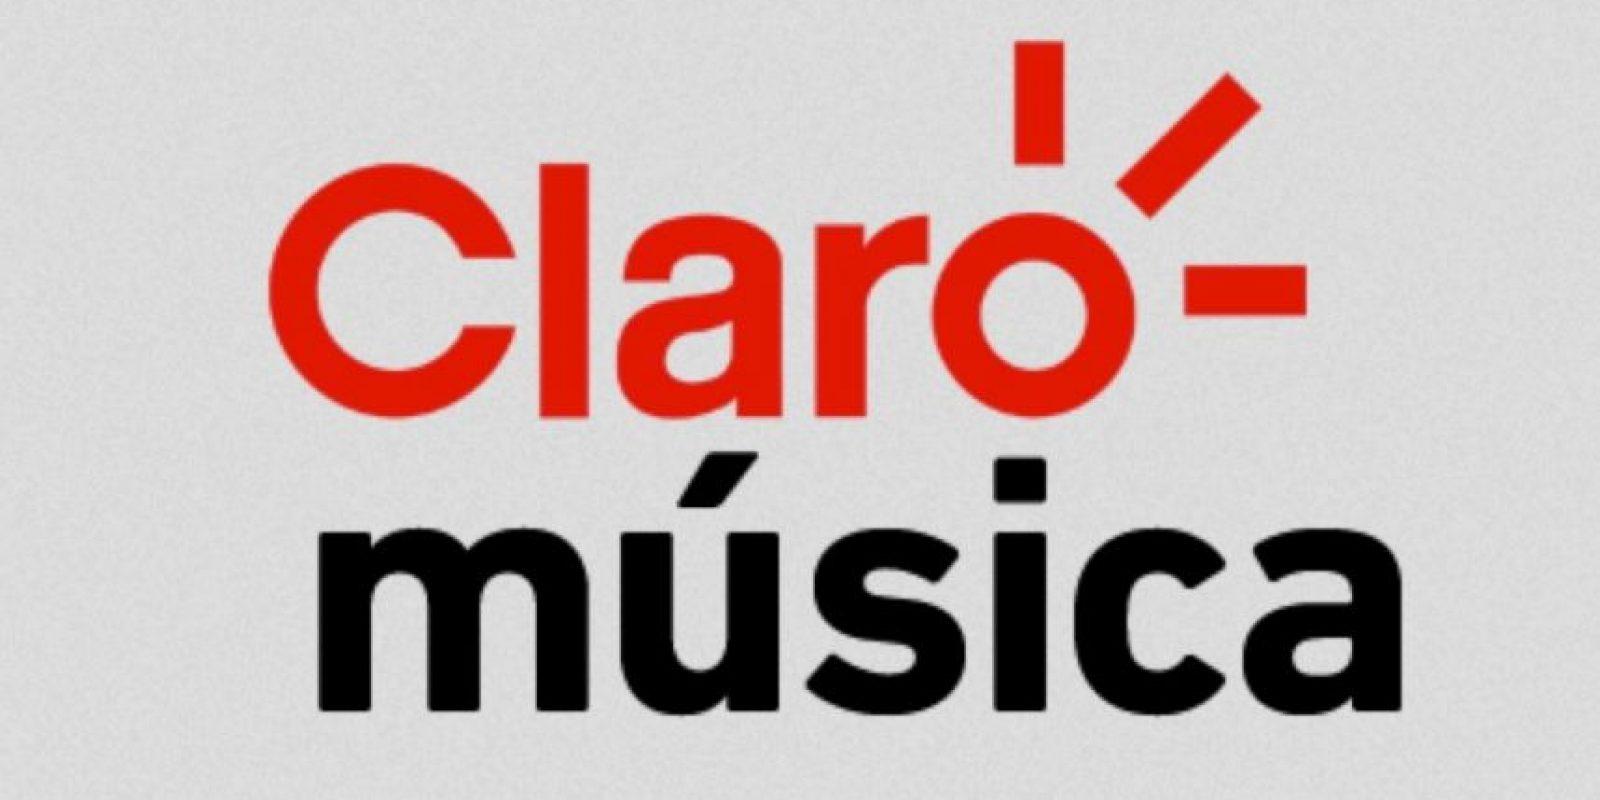 """Claro música inició como """"Ideas Music Store"""" en 2007, ayudó en la evolución de """"Ideasmusik"""" y desde 2014 es """"Claro música"""" Foto:Claro"""